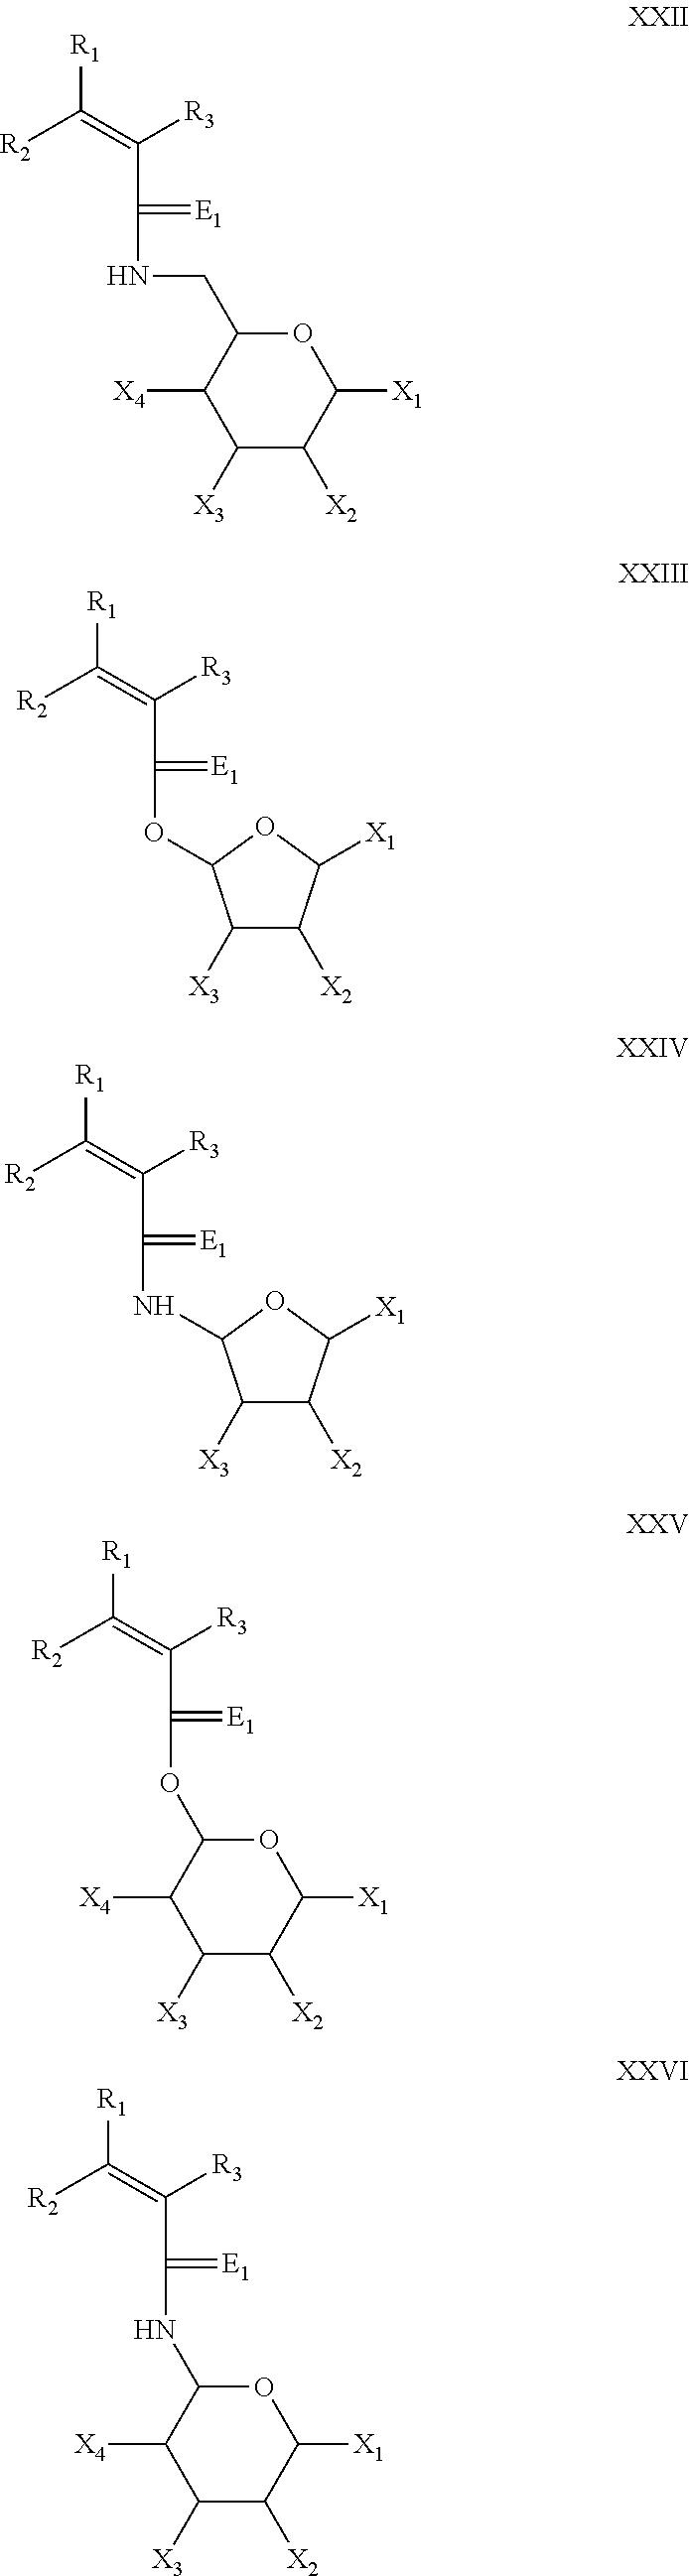 Figure US09872936-20180123-C00004